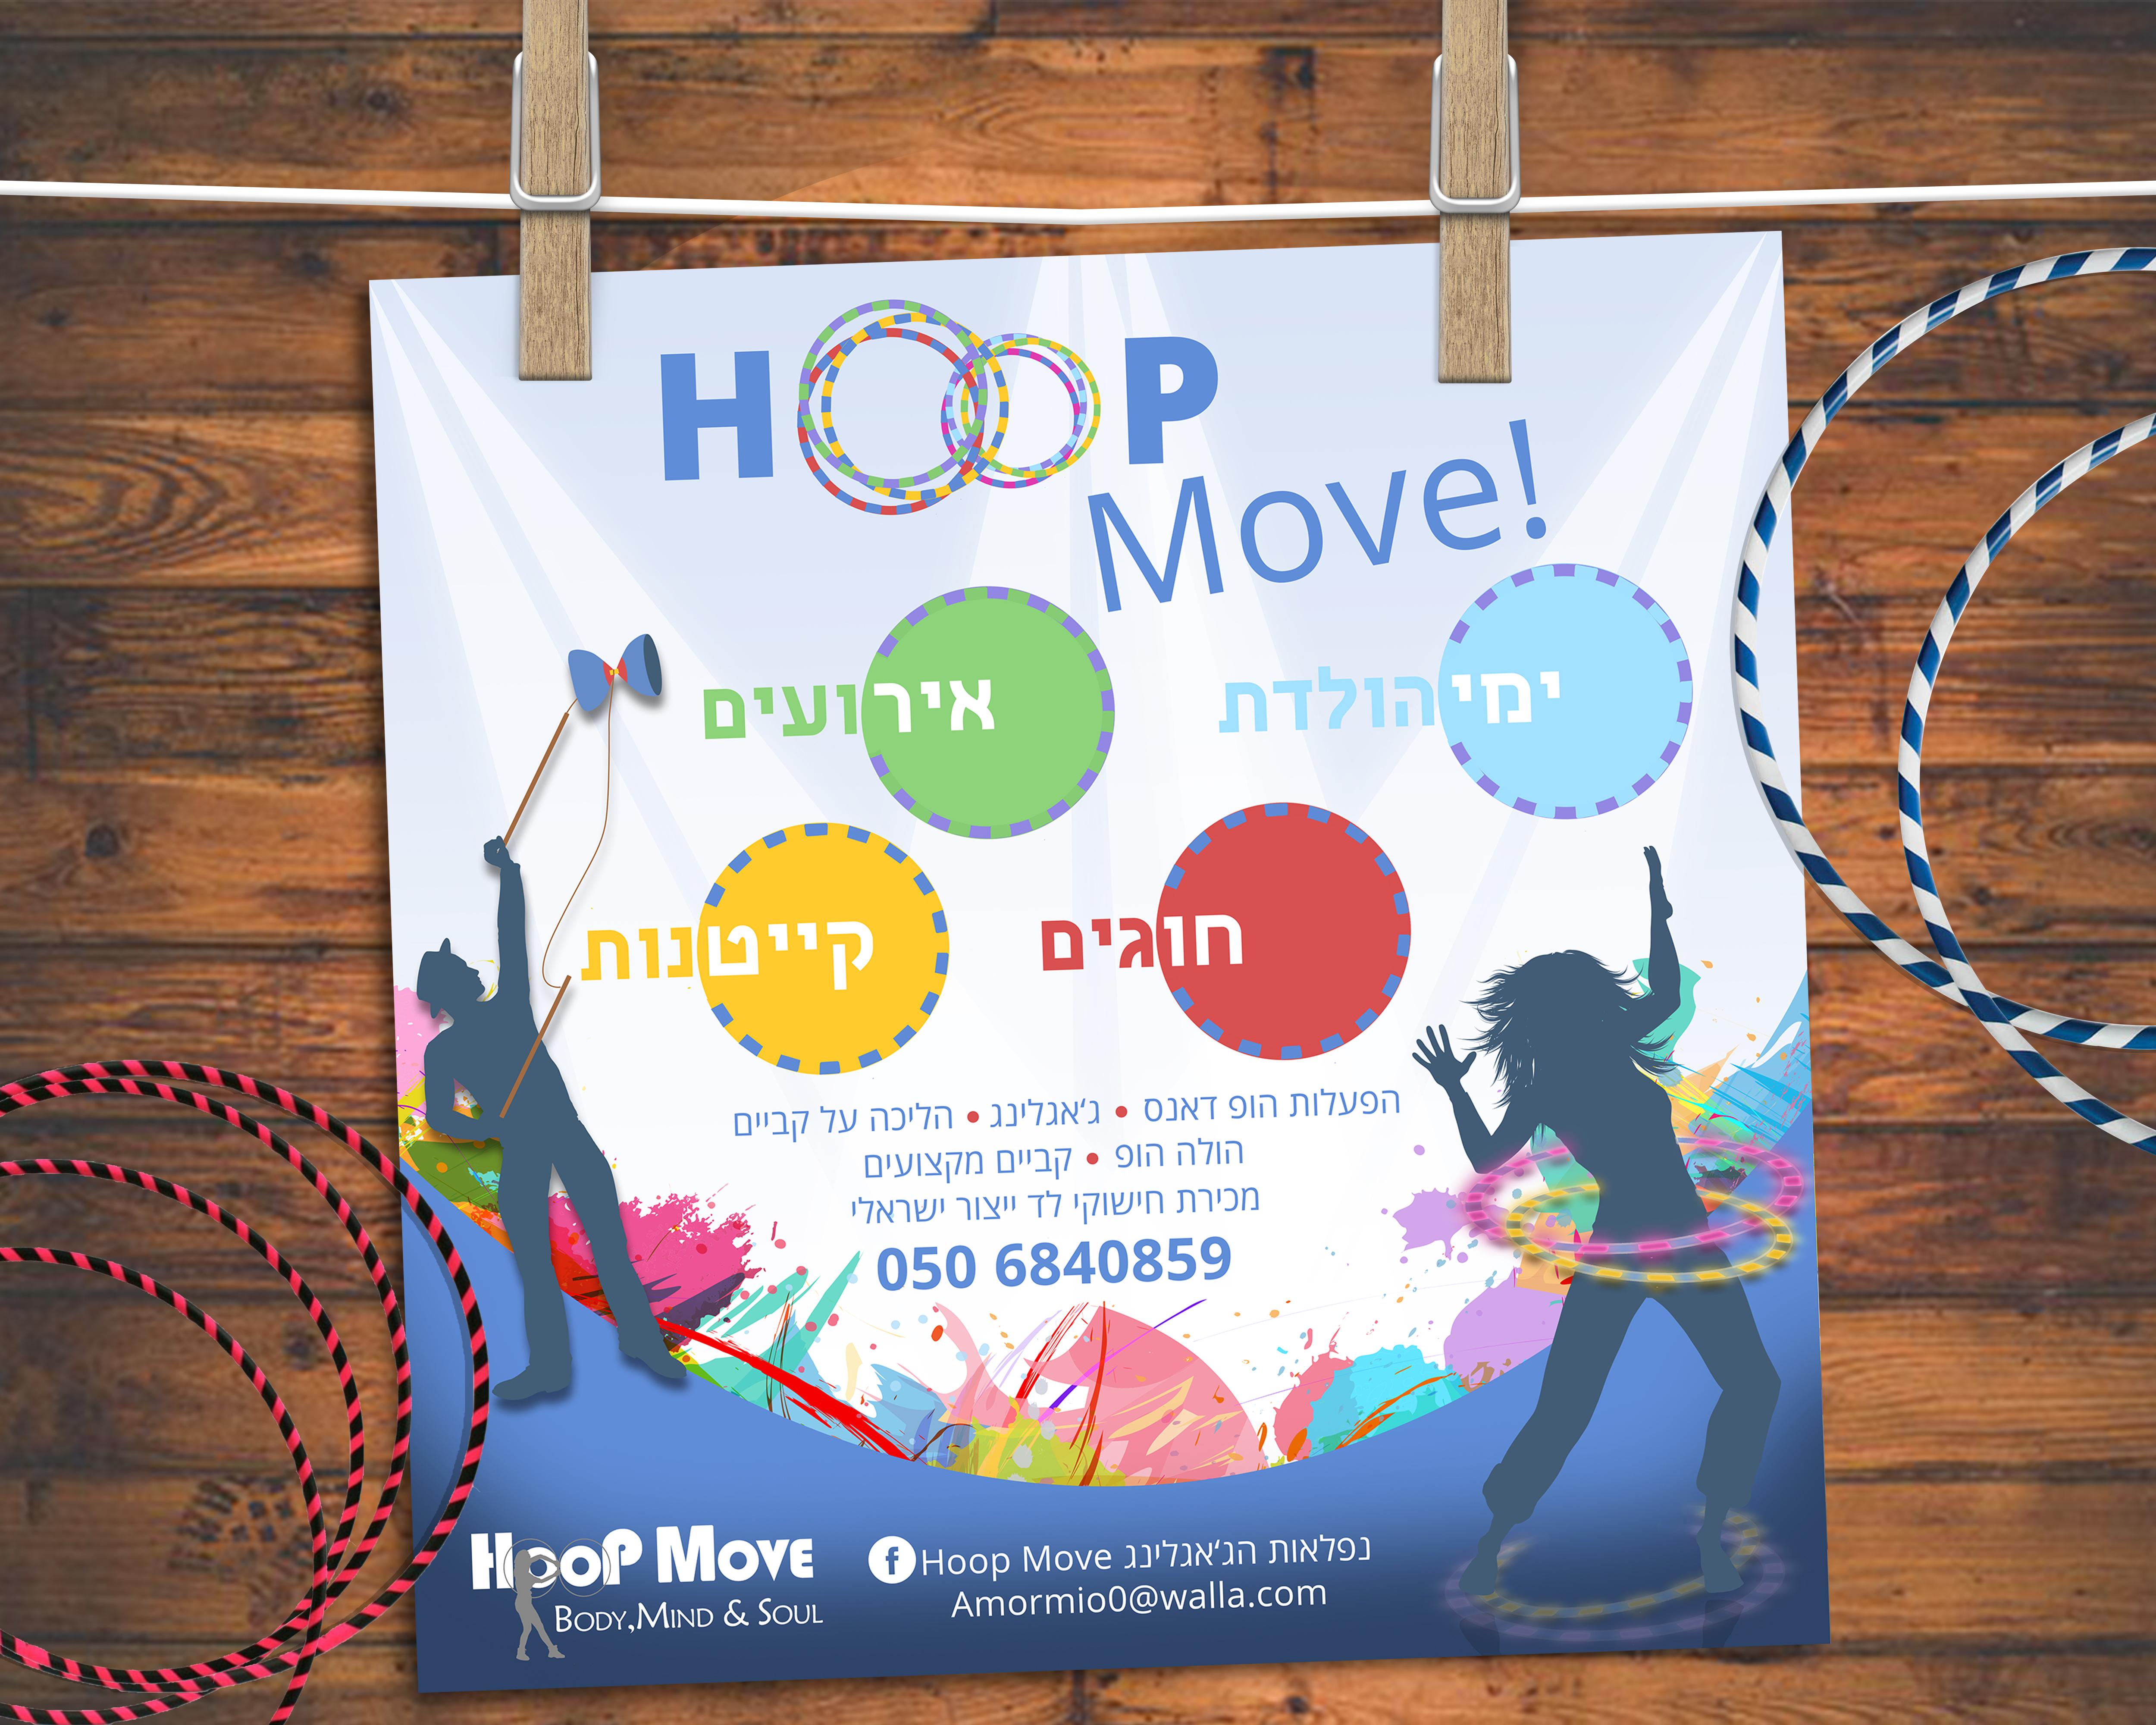 עיצוב פלייר ל hoop move